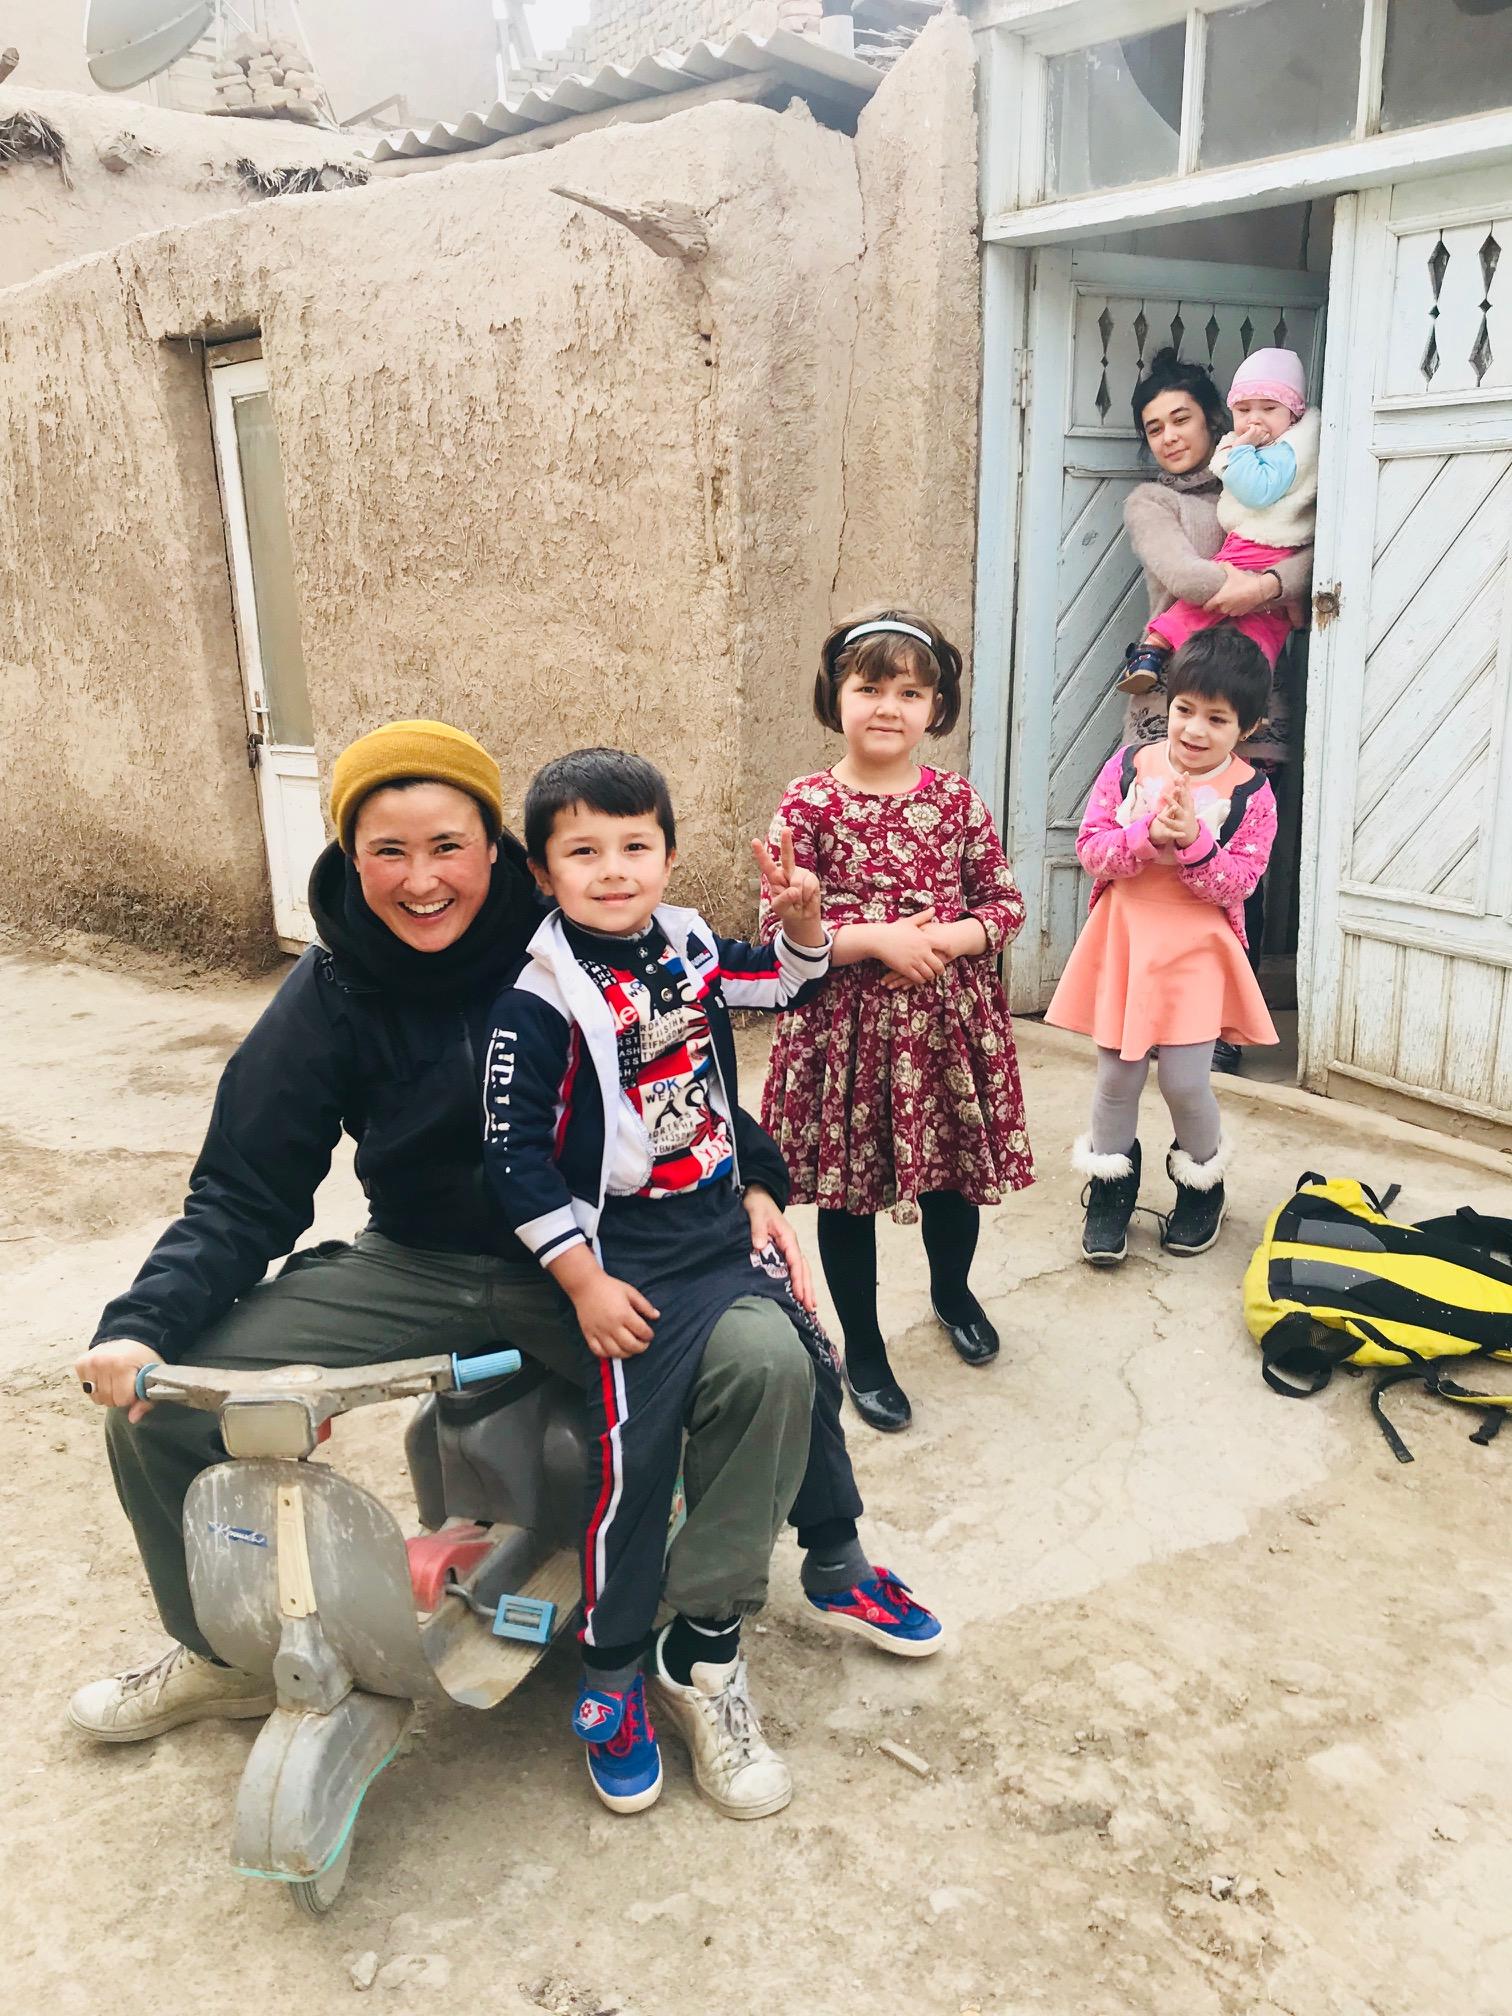 ウズベキスタンでやんや、やんや。